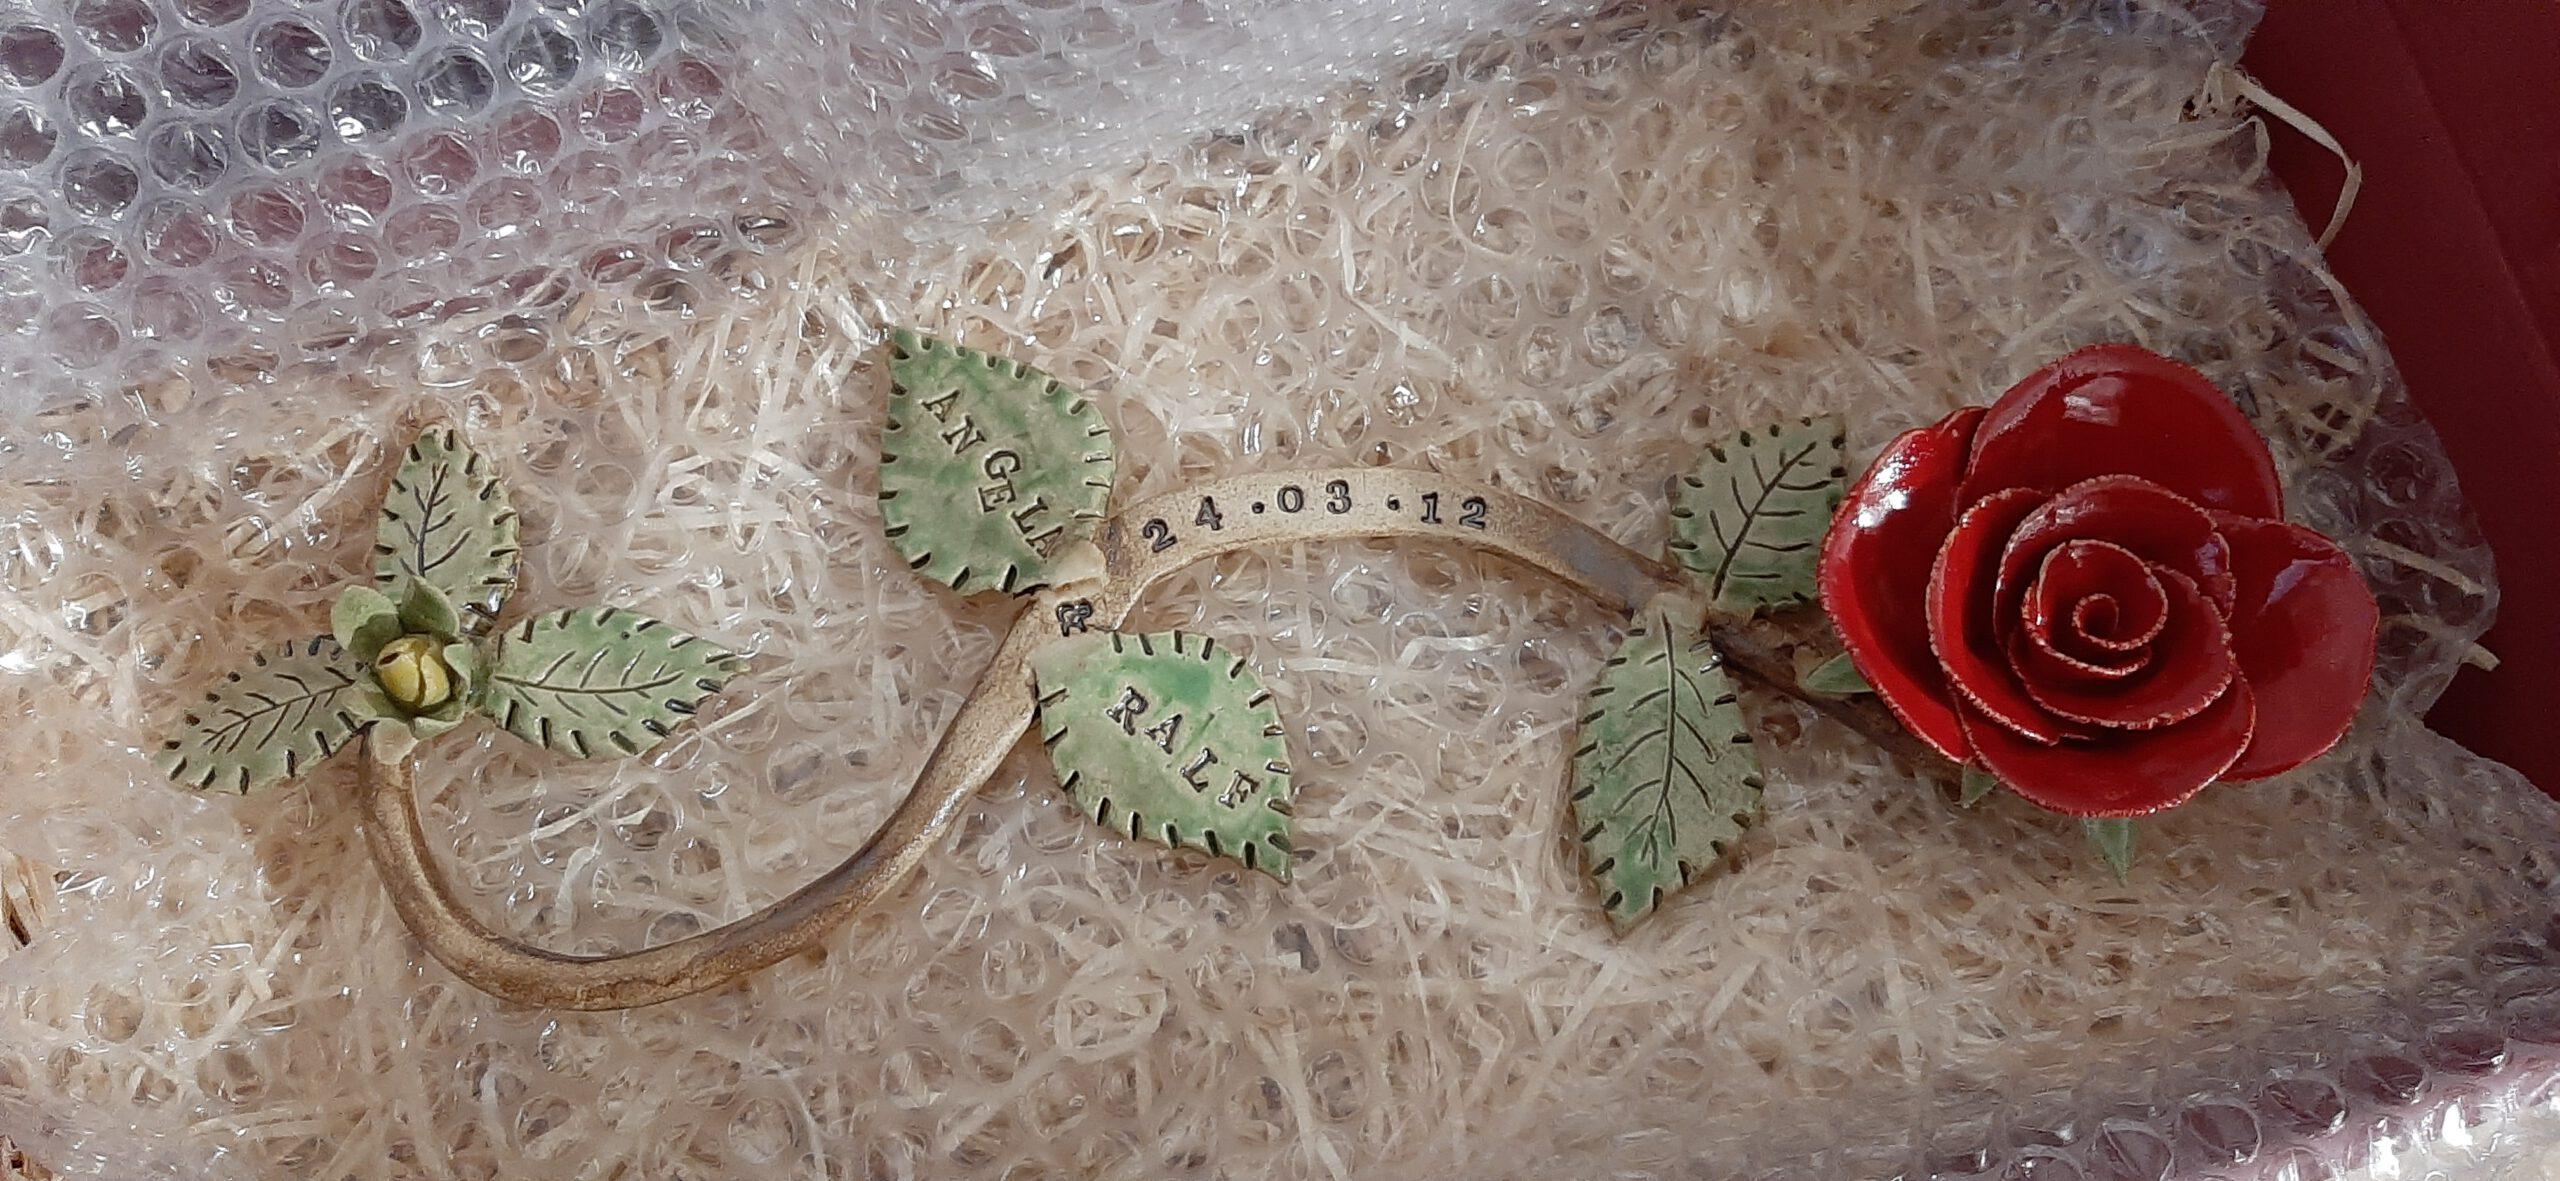 personalisierte Geschenke, Keramik Kunst, Handarbeit, KeraMik von Herz zu Herz, Hochzeitsgeschenk, Originelle Keramik, Einzelstücke, Unikate, Augsburg